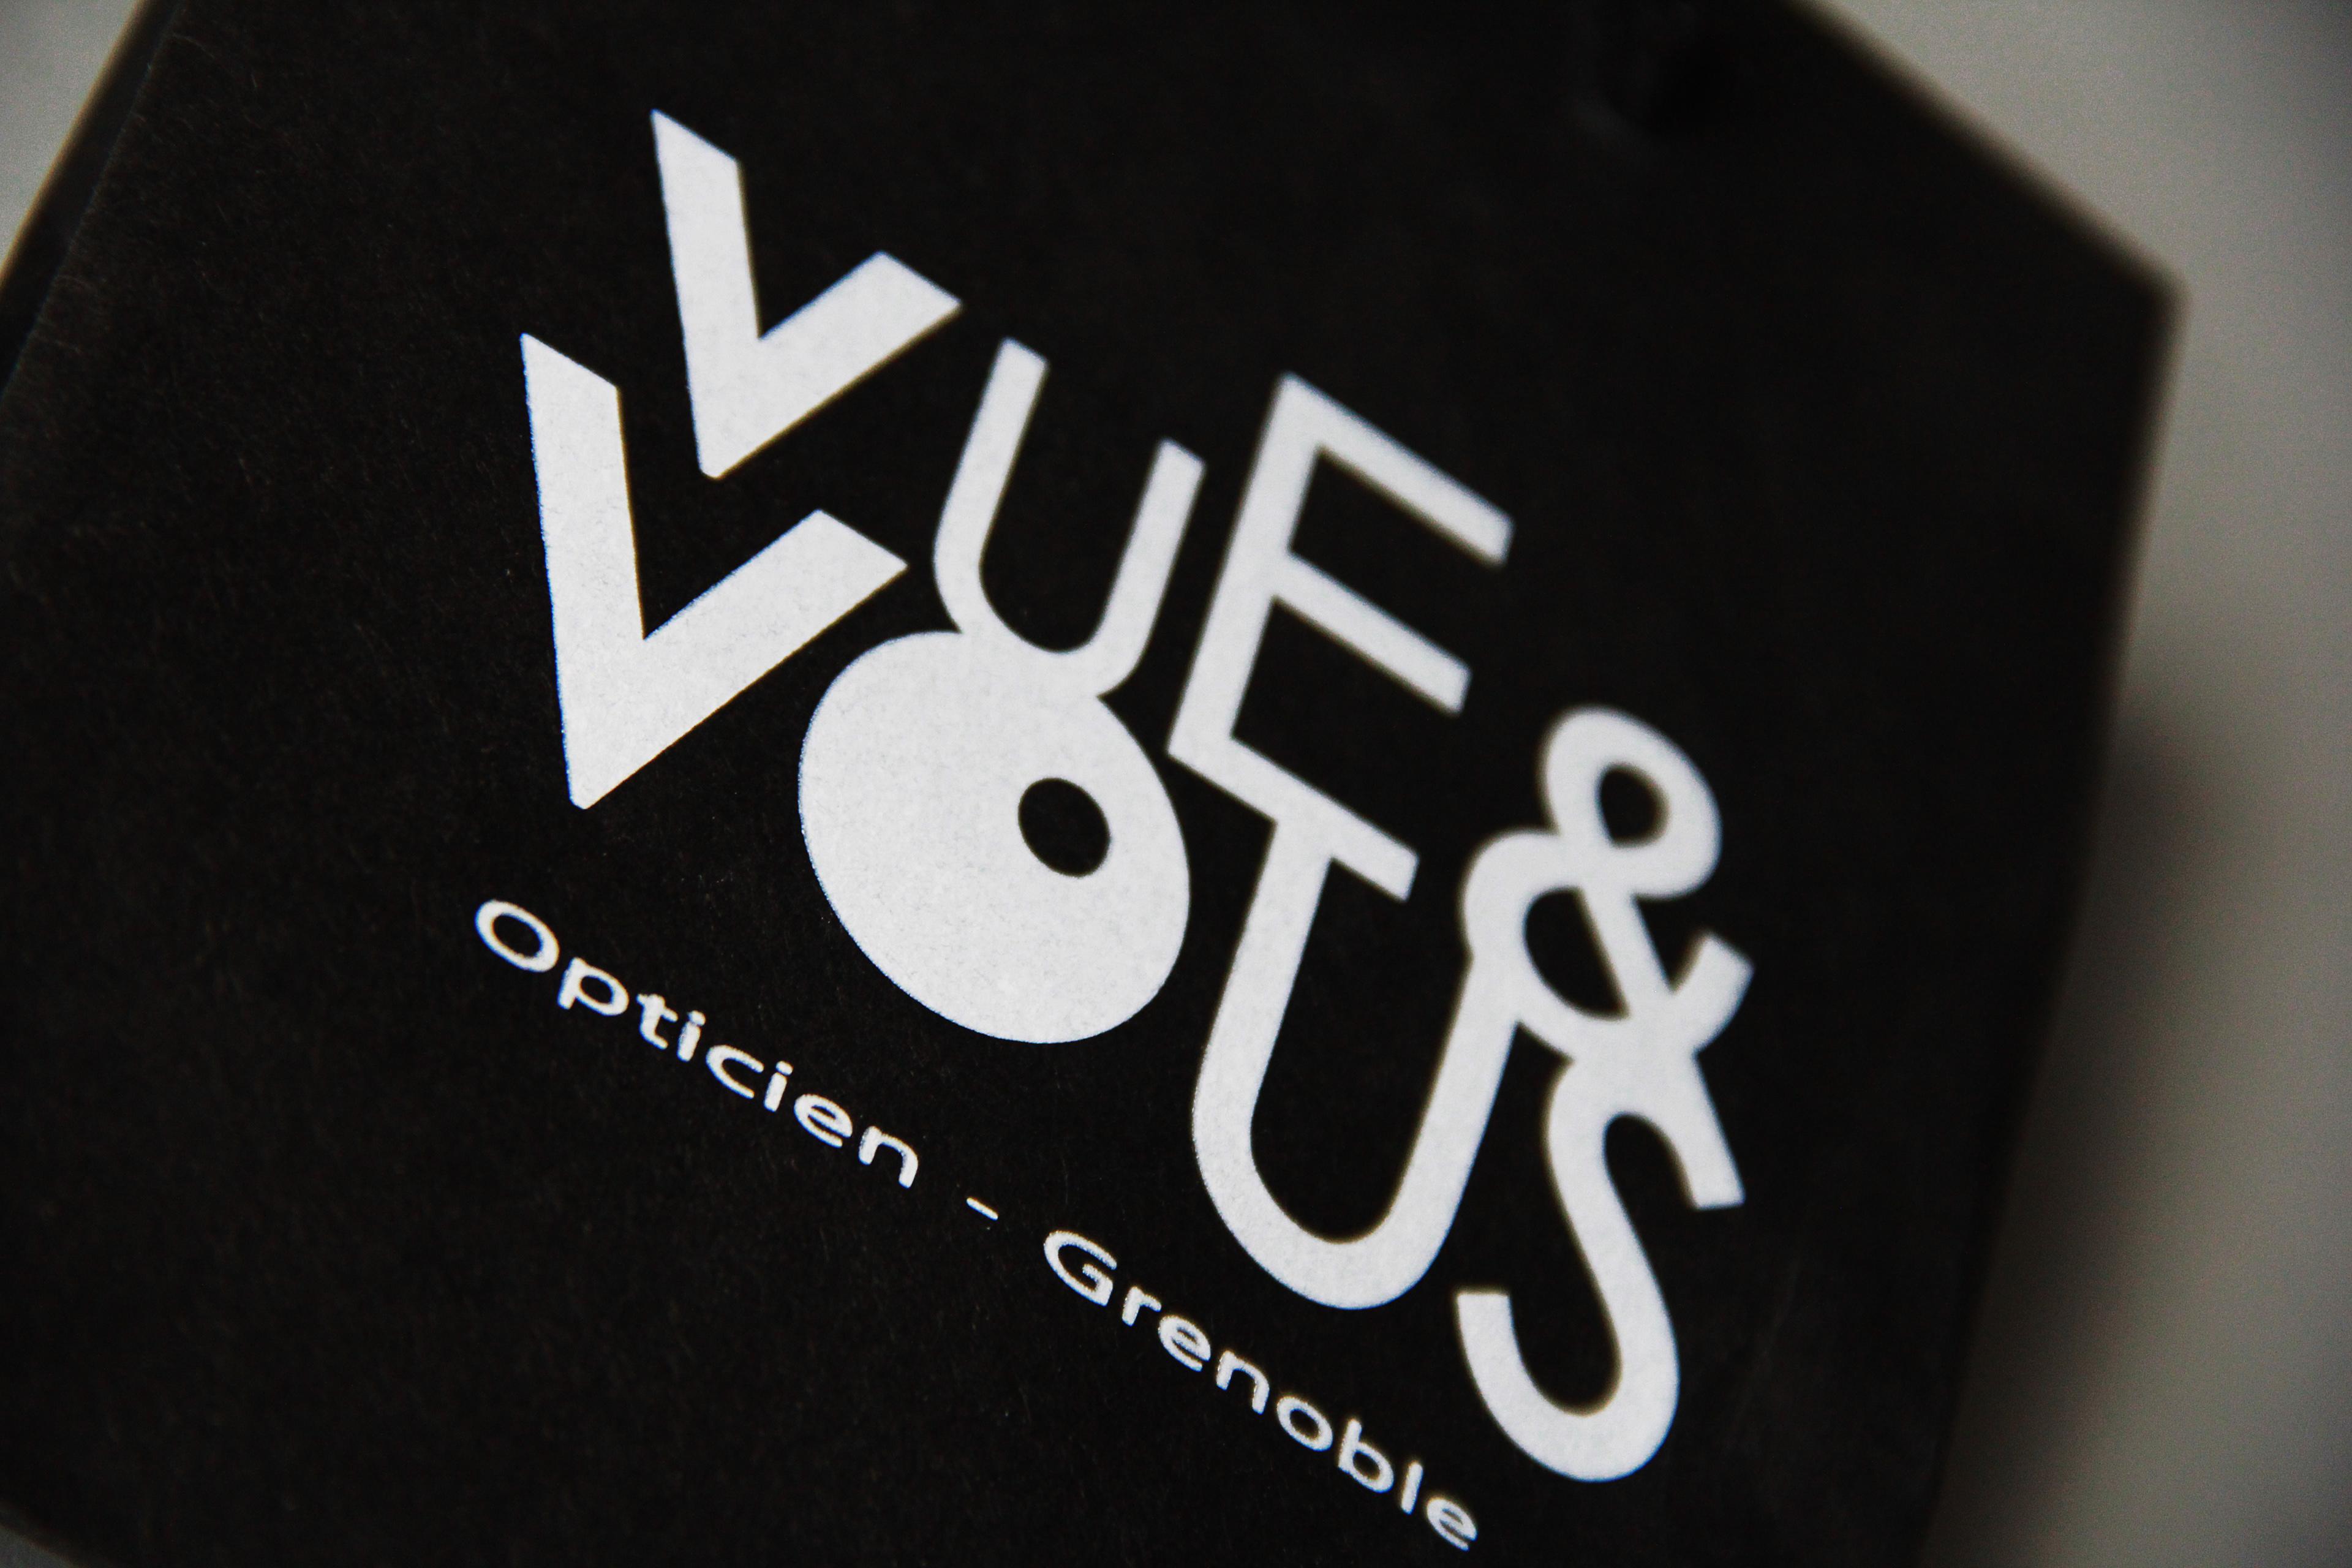 ab49ad1aa10366 Création de l identité visuelle et de l ensemble de sa communication de Vue    Vous. Opticien indépendant basé sur Grenoble  38 .